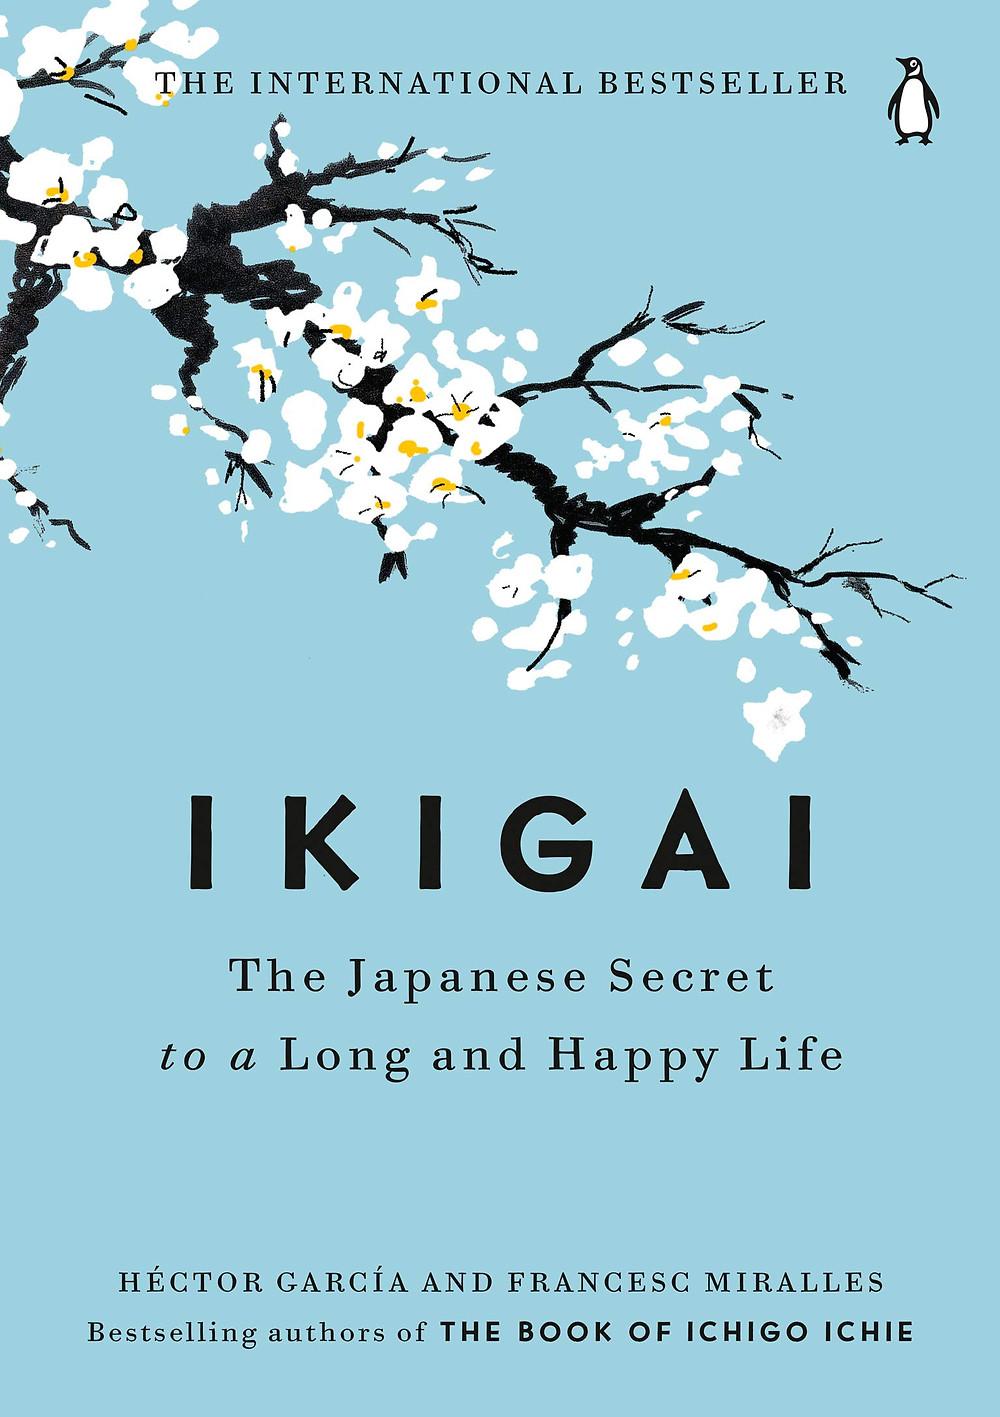 Capa do livro Ikigai, fundo azul e um galho de árovre cerejeira com flores brancas.